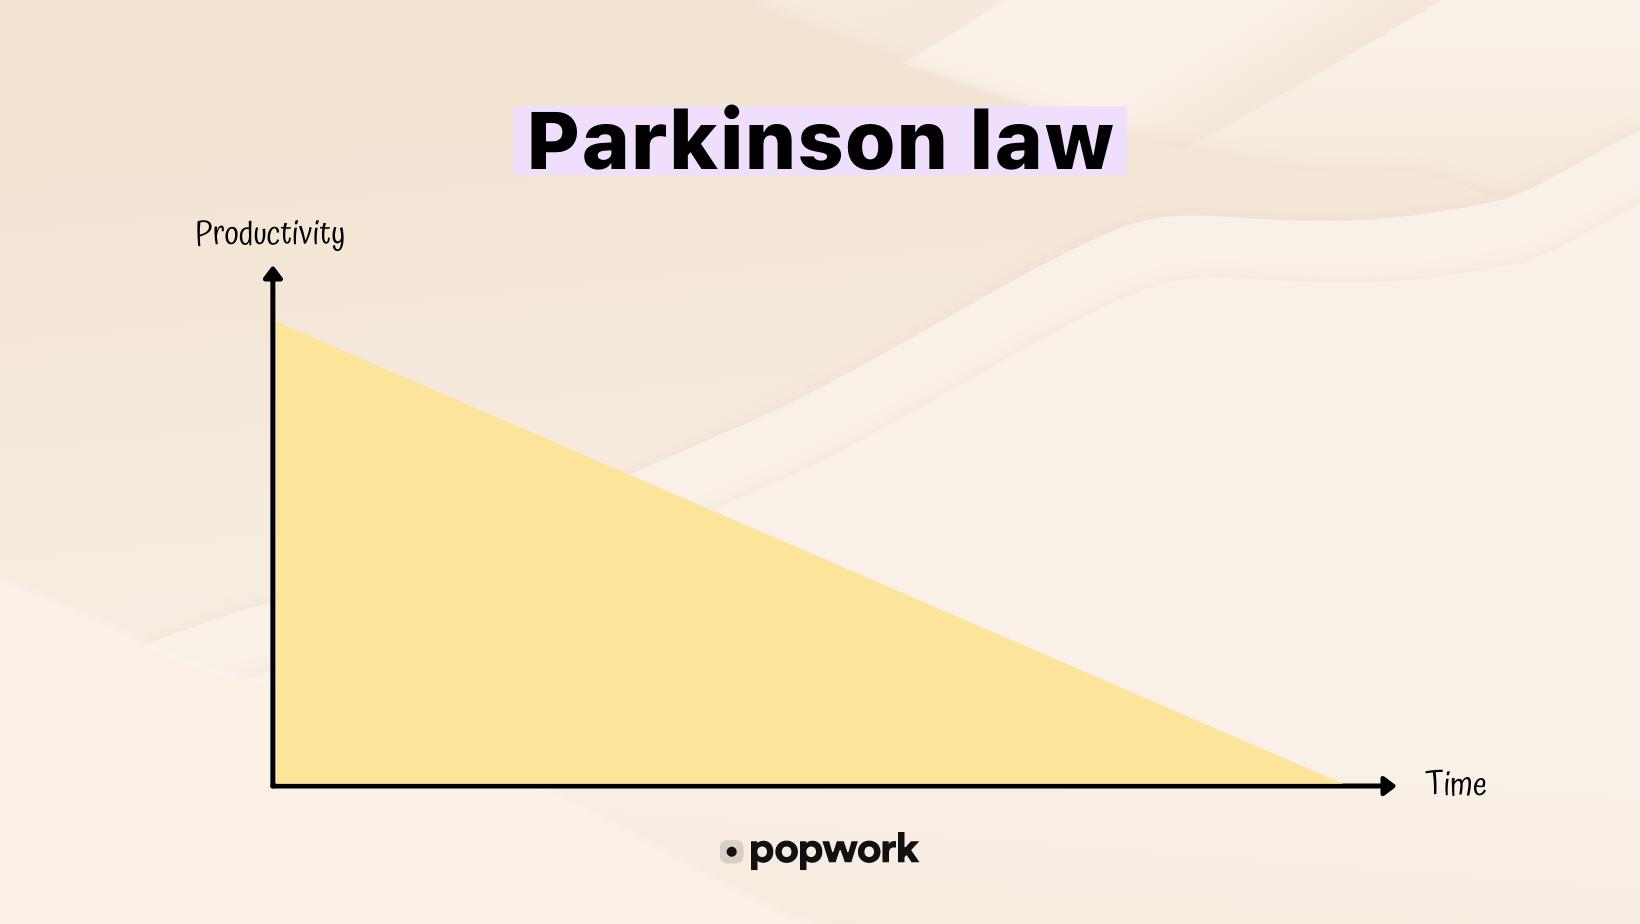 Parkinson Law productivity graph - Popwork